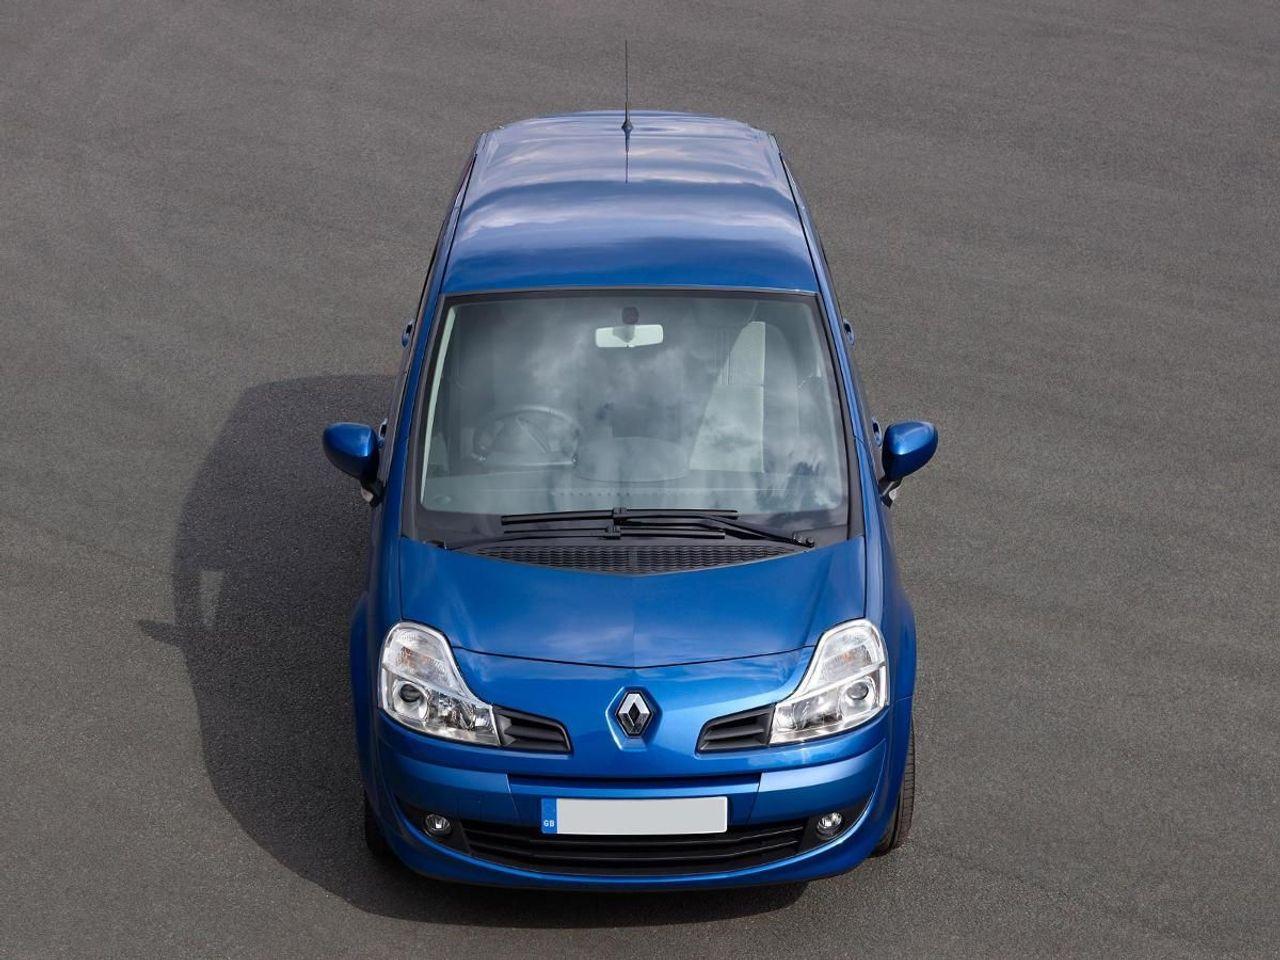 renault modus hatchback 2008 review auto trader uk. Black Bedroom Furniture Sets. Home Design Ideas